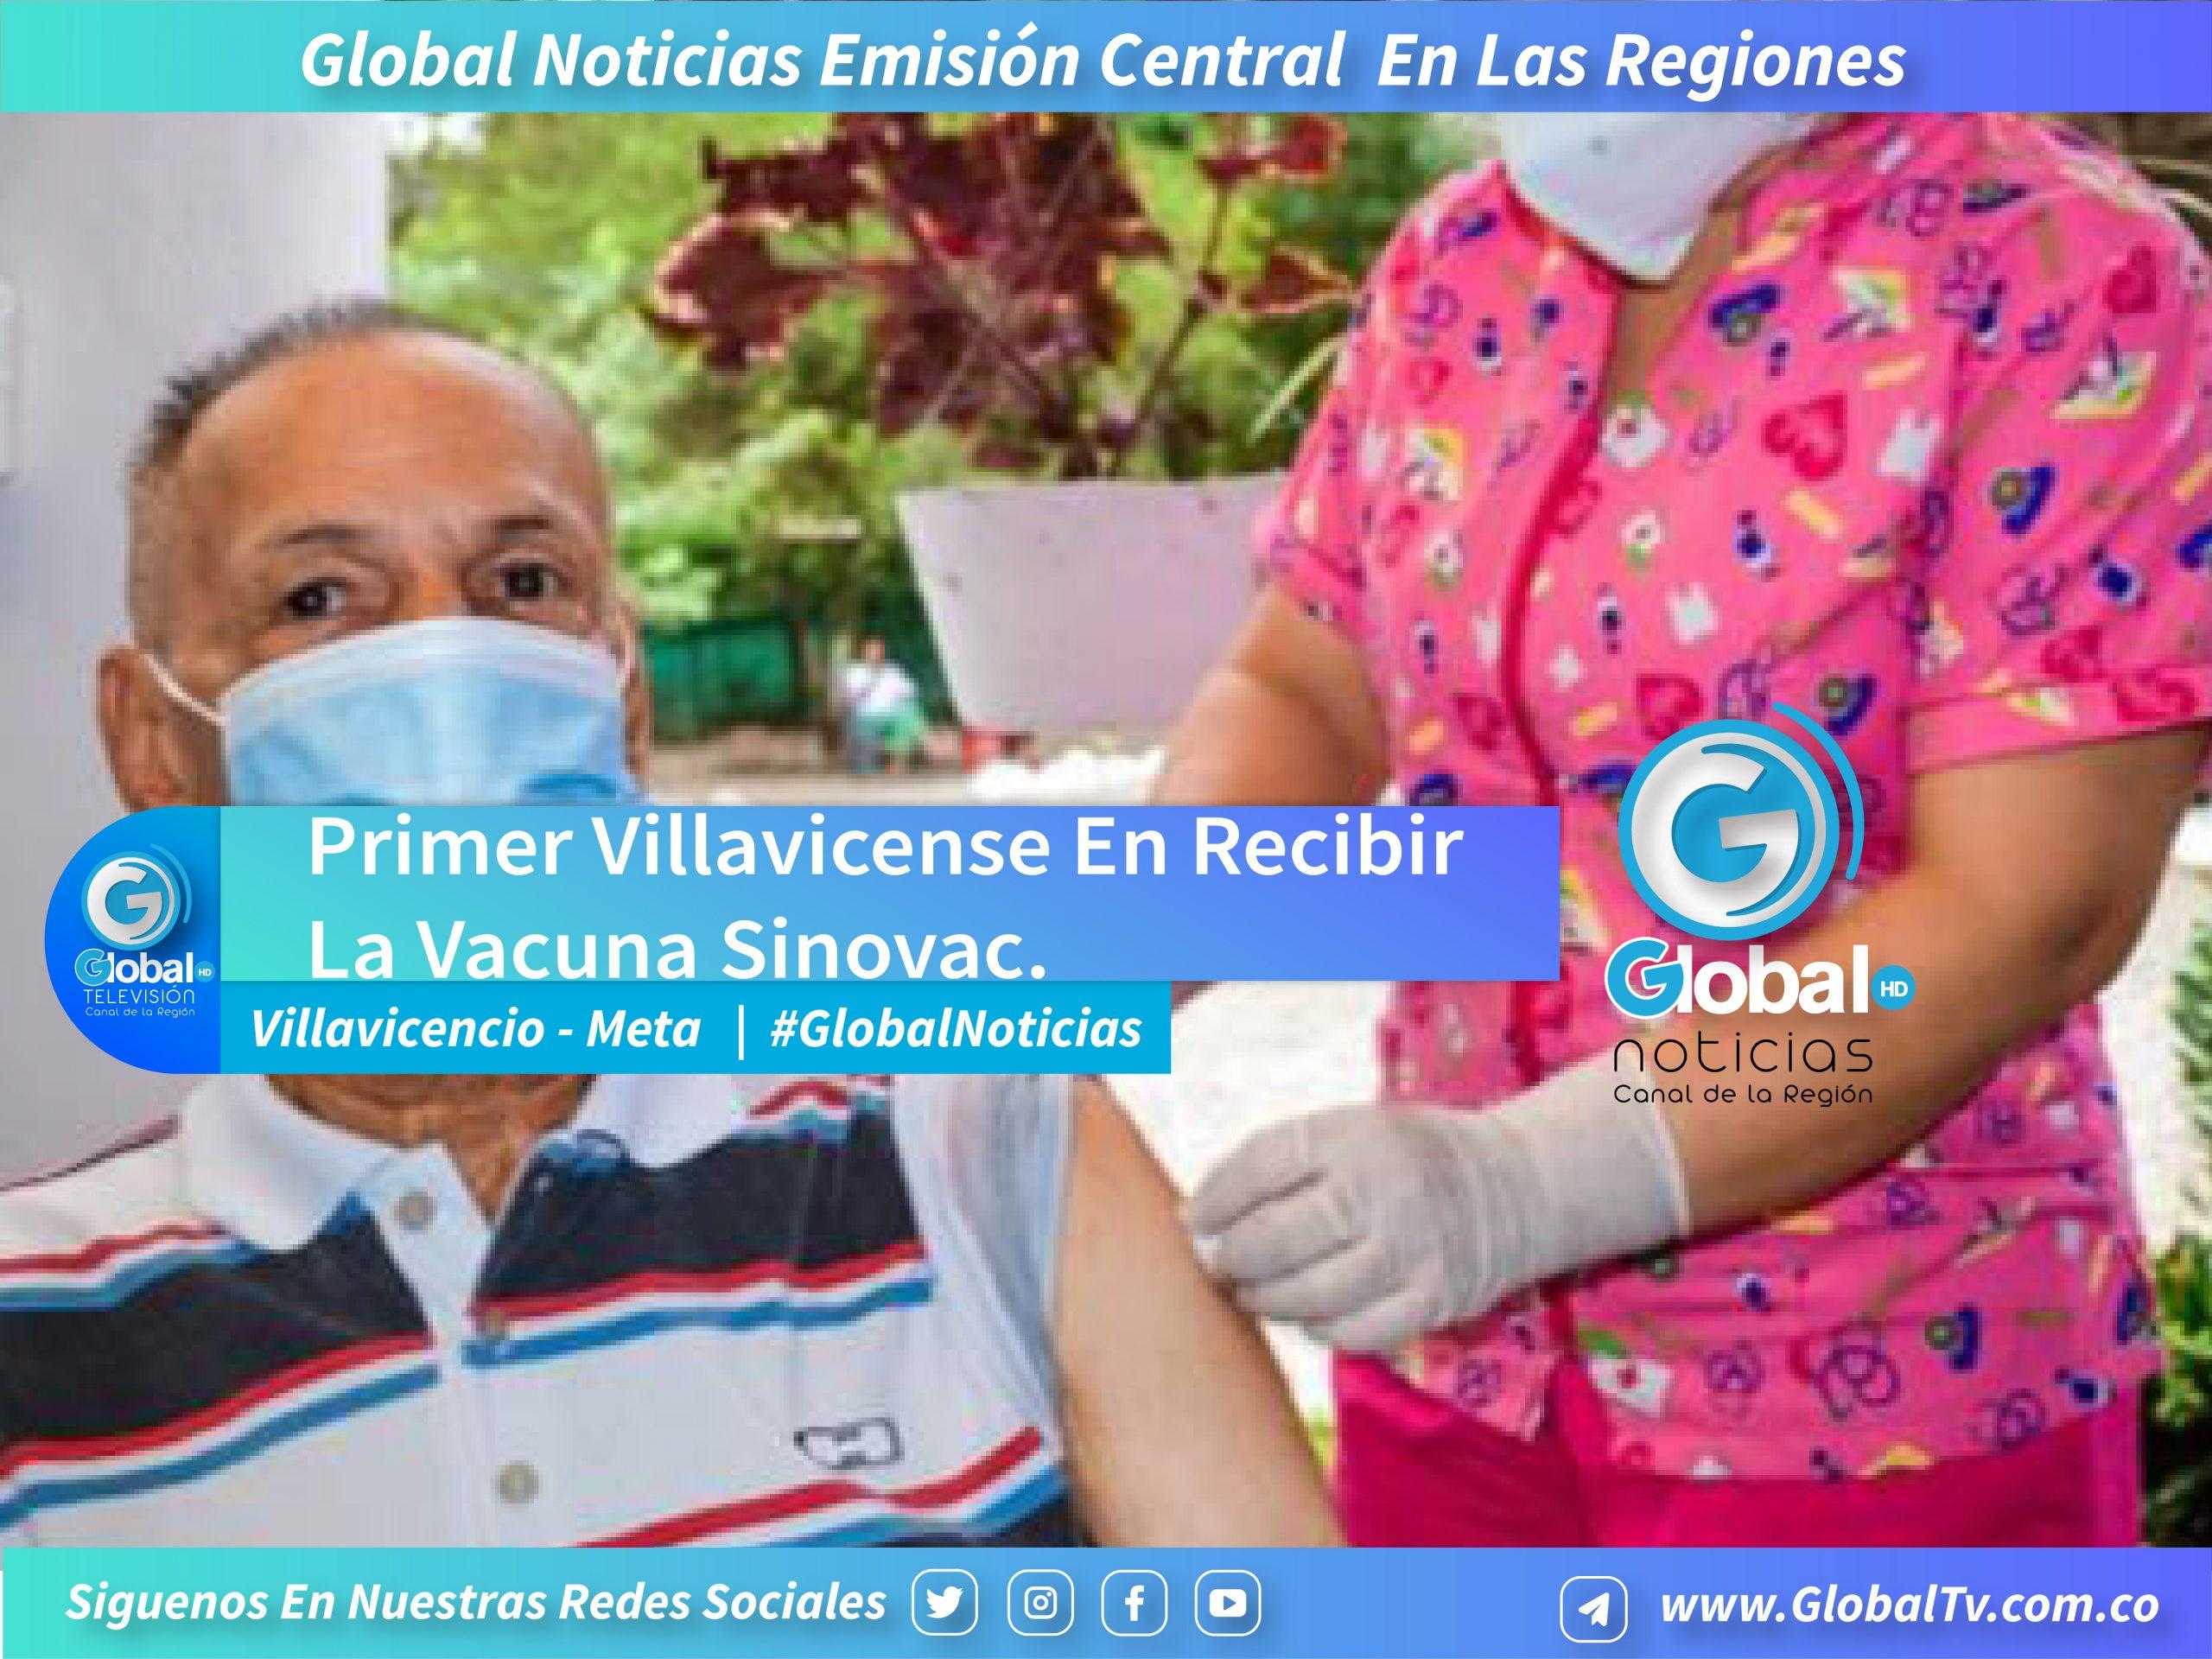 Gustavo Osorio, De 82 Años, Se Convirtió En El Primer Villavicense En Recibir La Vacuna Sinovac En La Ciudad